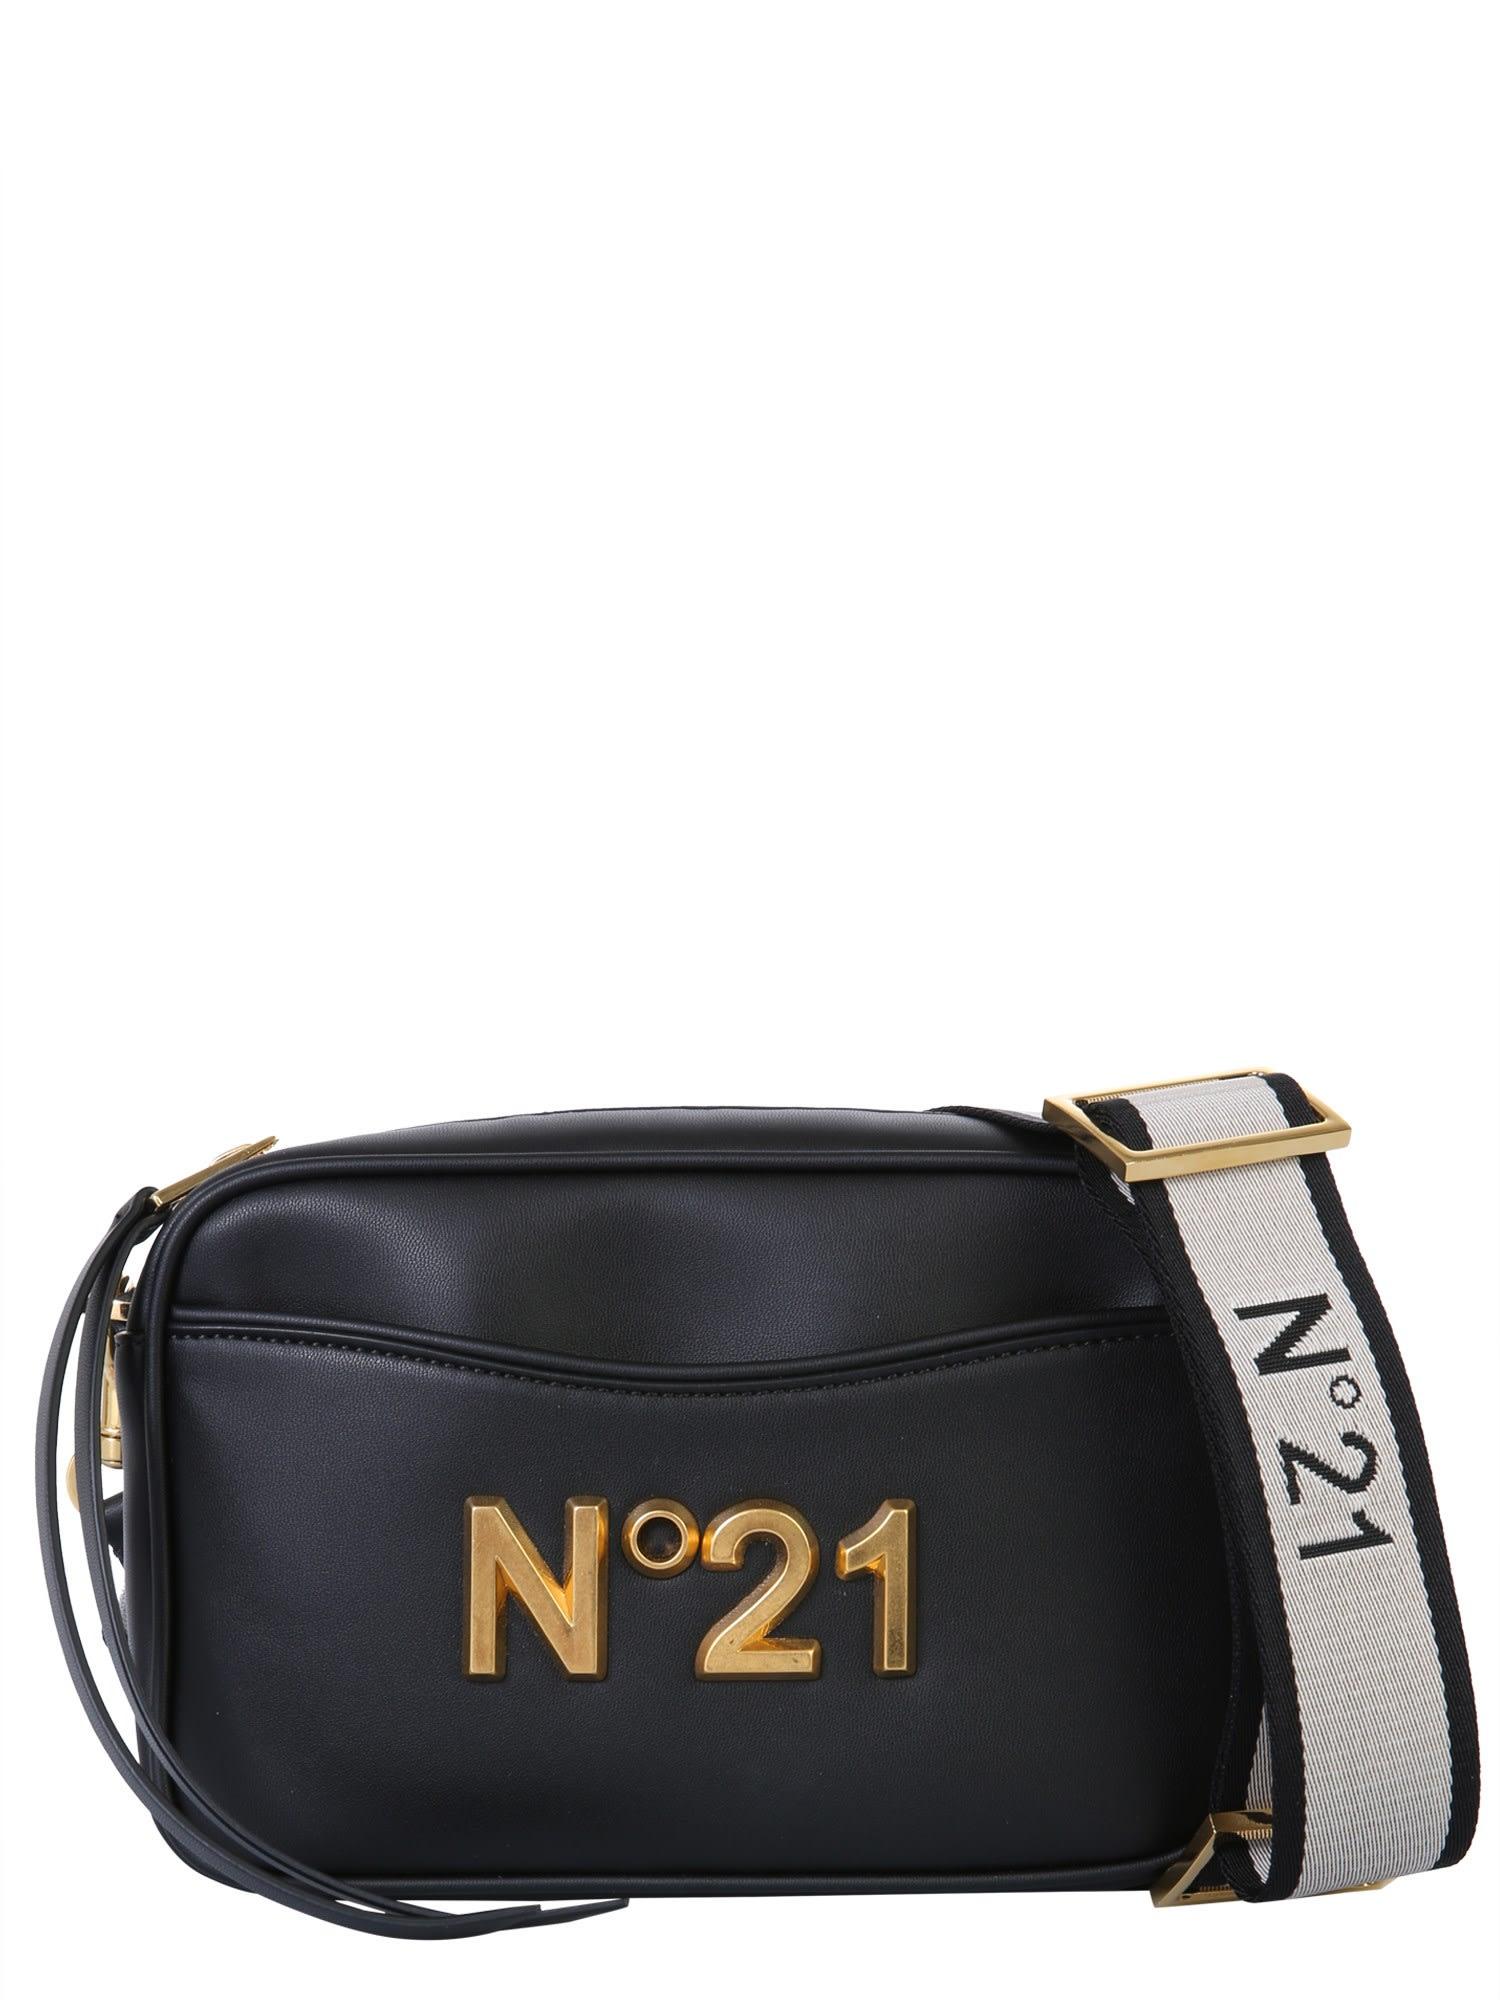 N°21 SHOULDER BAG WITH LOGO